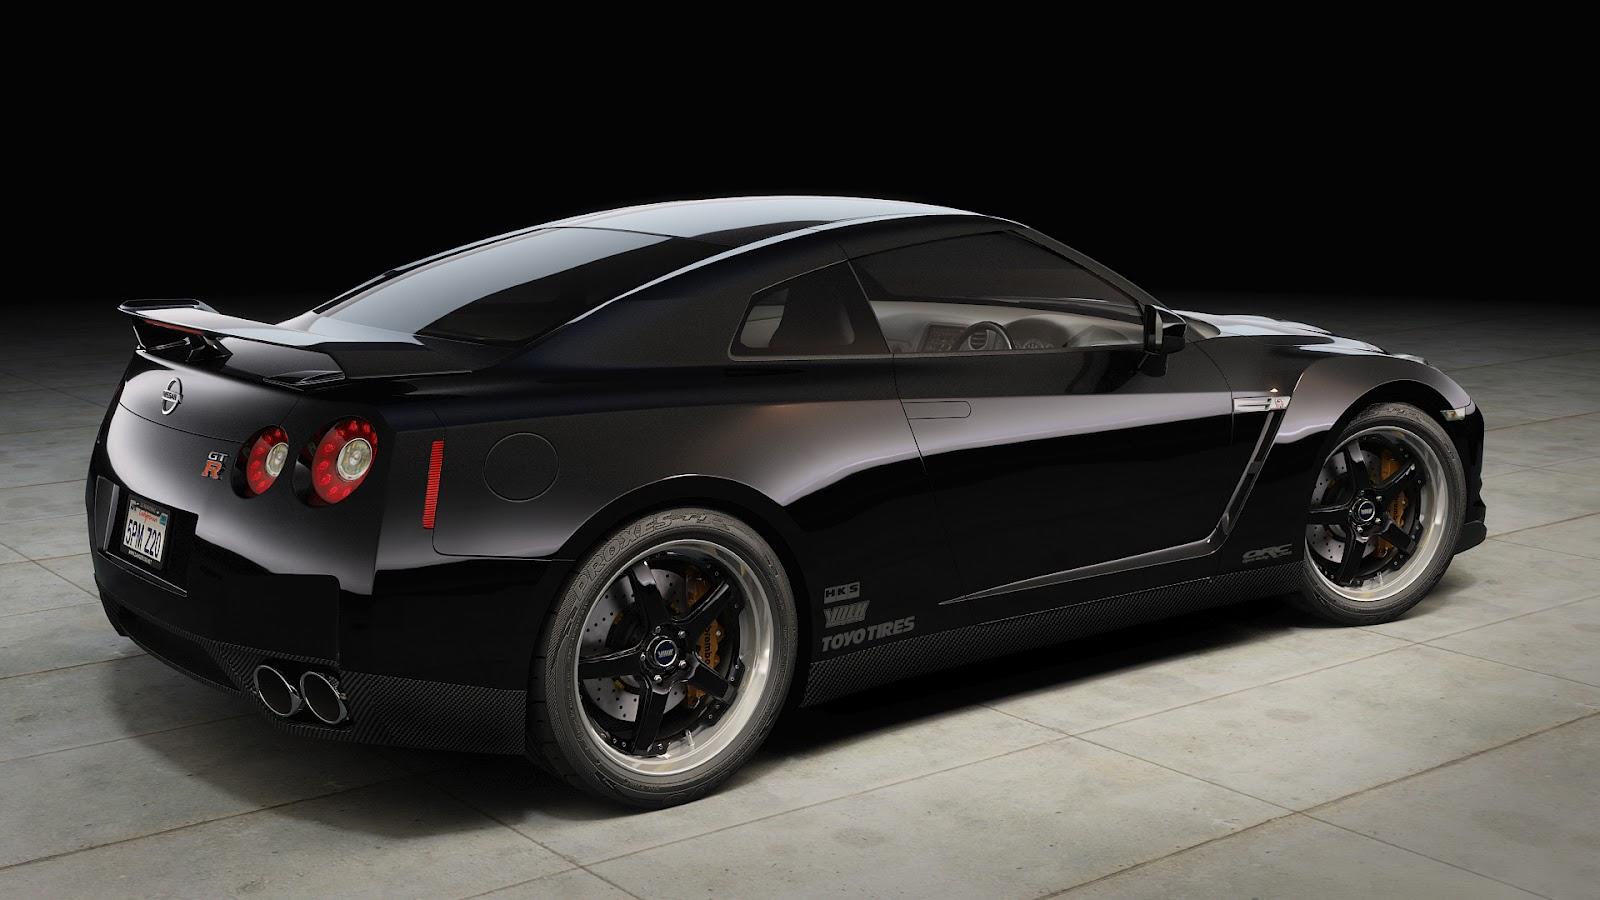 http://1.bp.blogspot.com/-0Bc4bW-_2TM/UD3ysEiZerI/AAAAAAAAAbM/MISIgmakjRs/s1600/Nissan+GT+R+HD.jpg